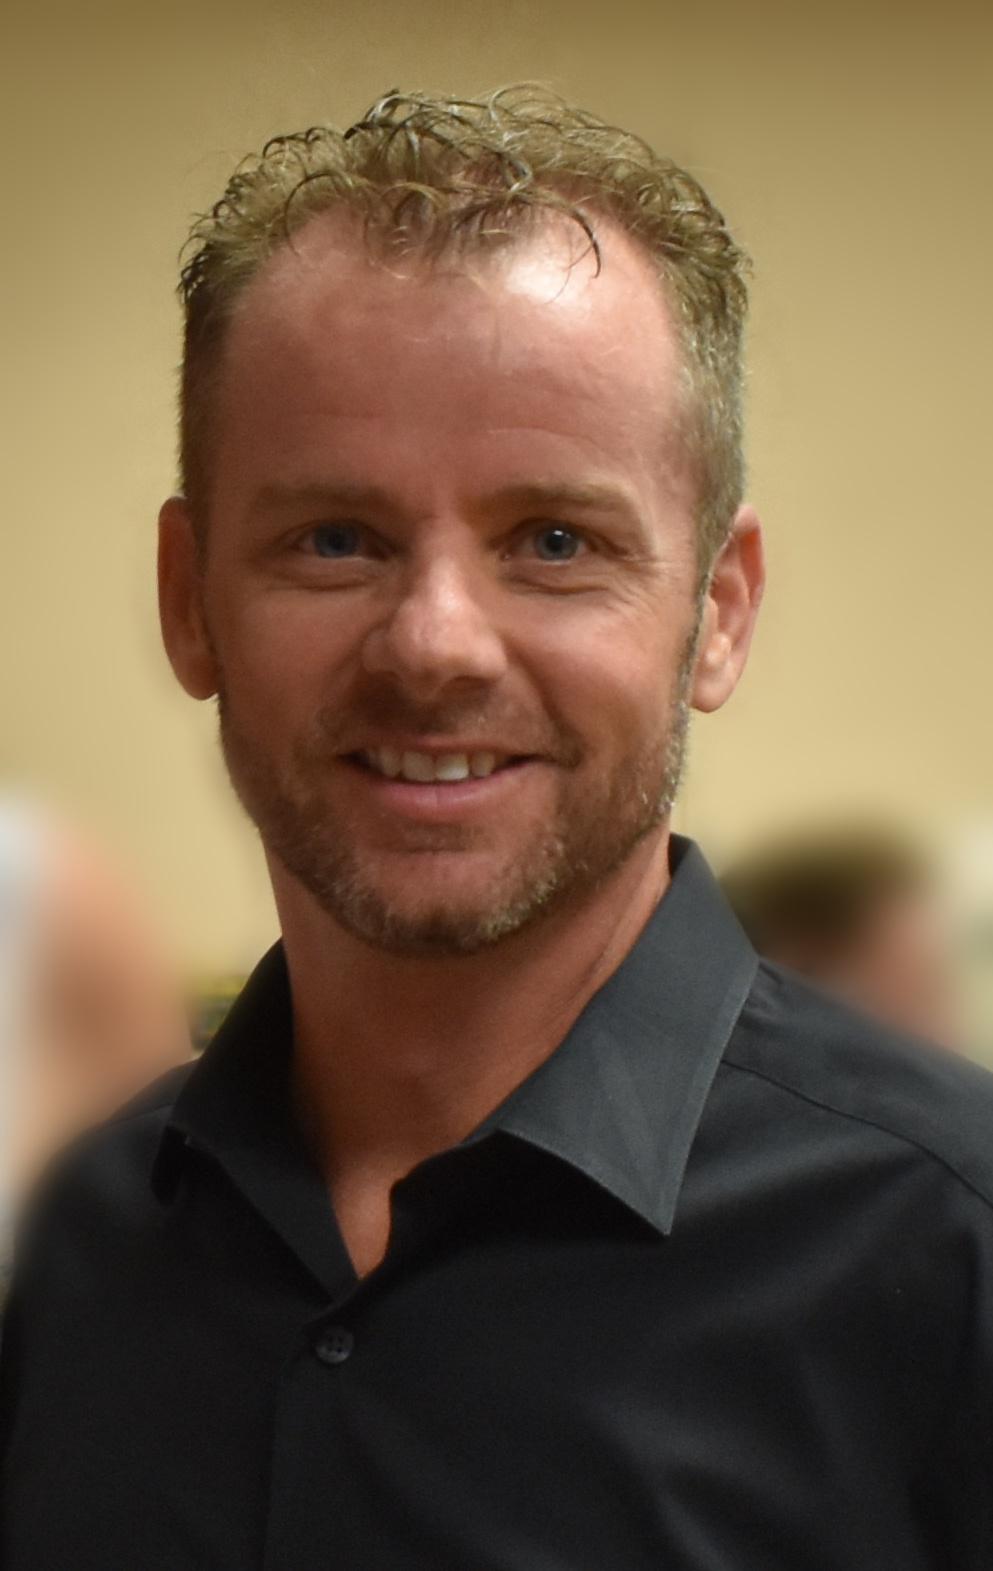 Tyler Whitmore